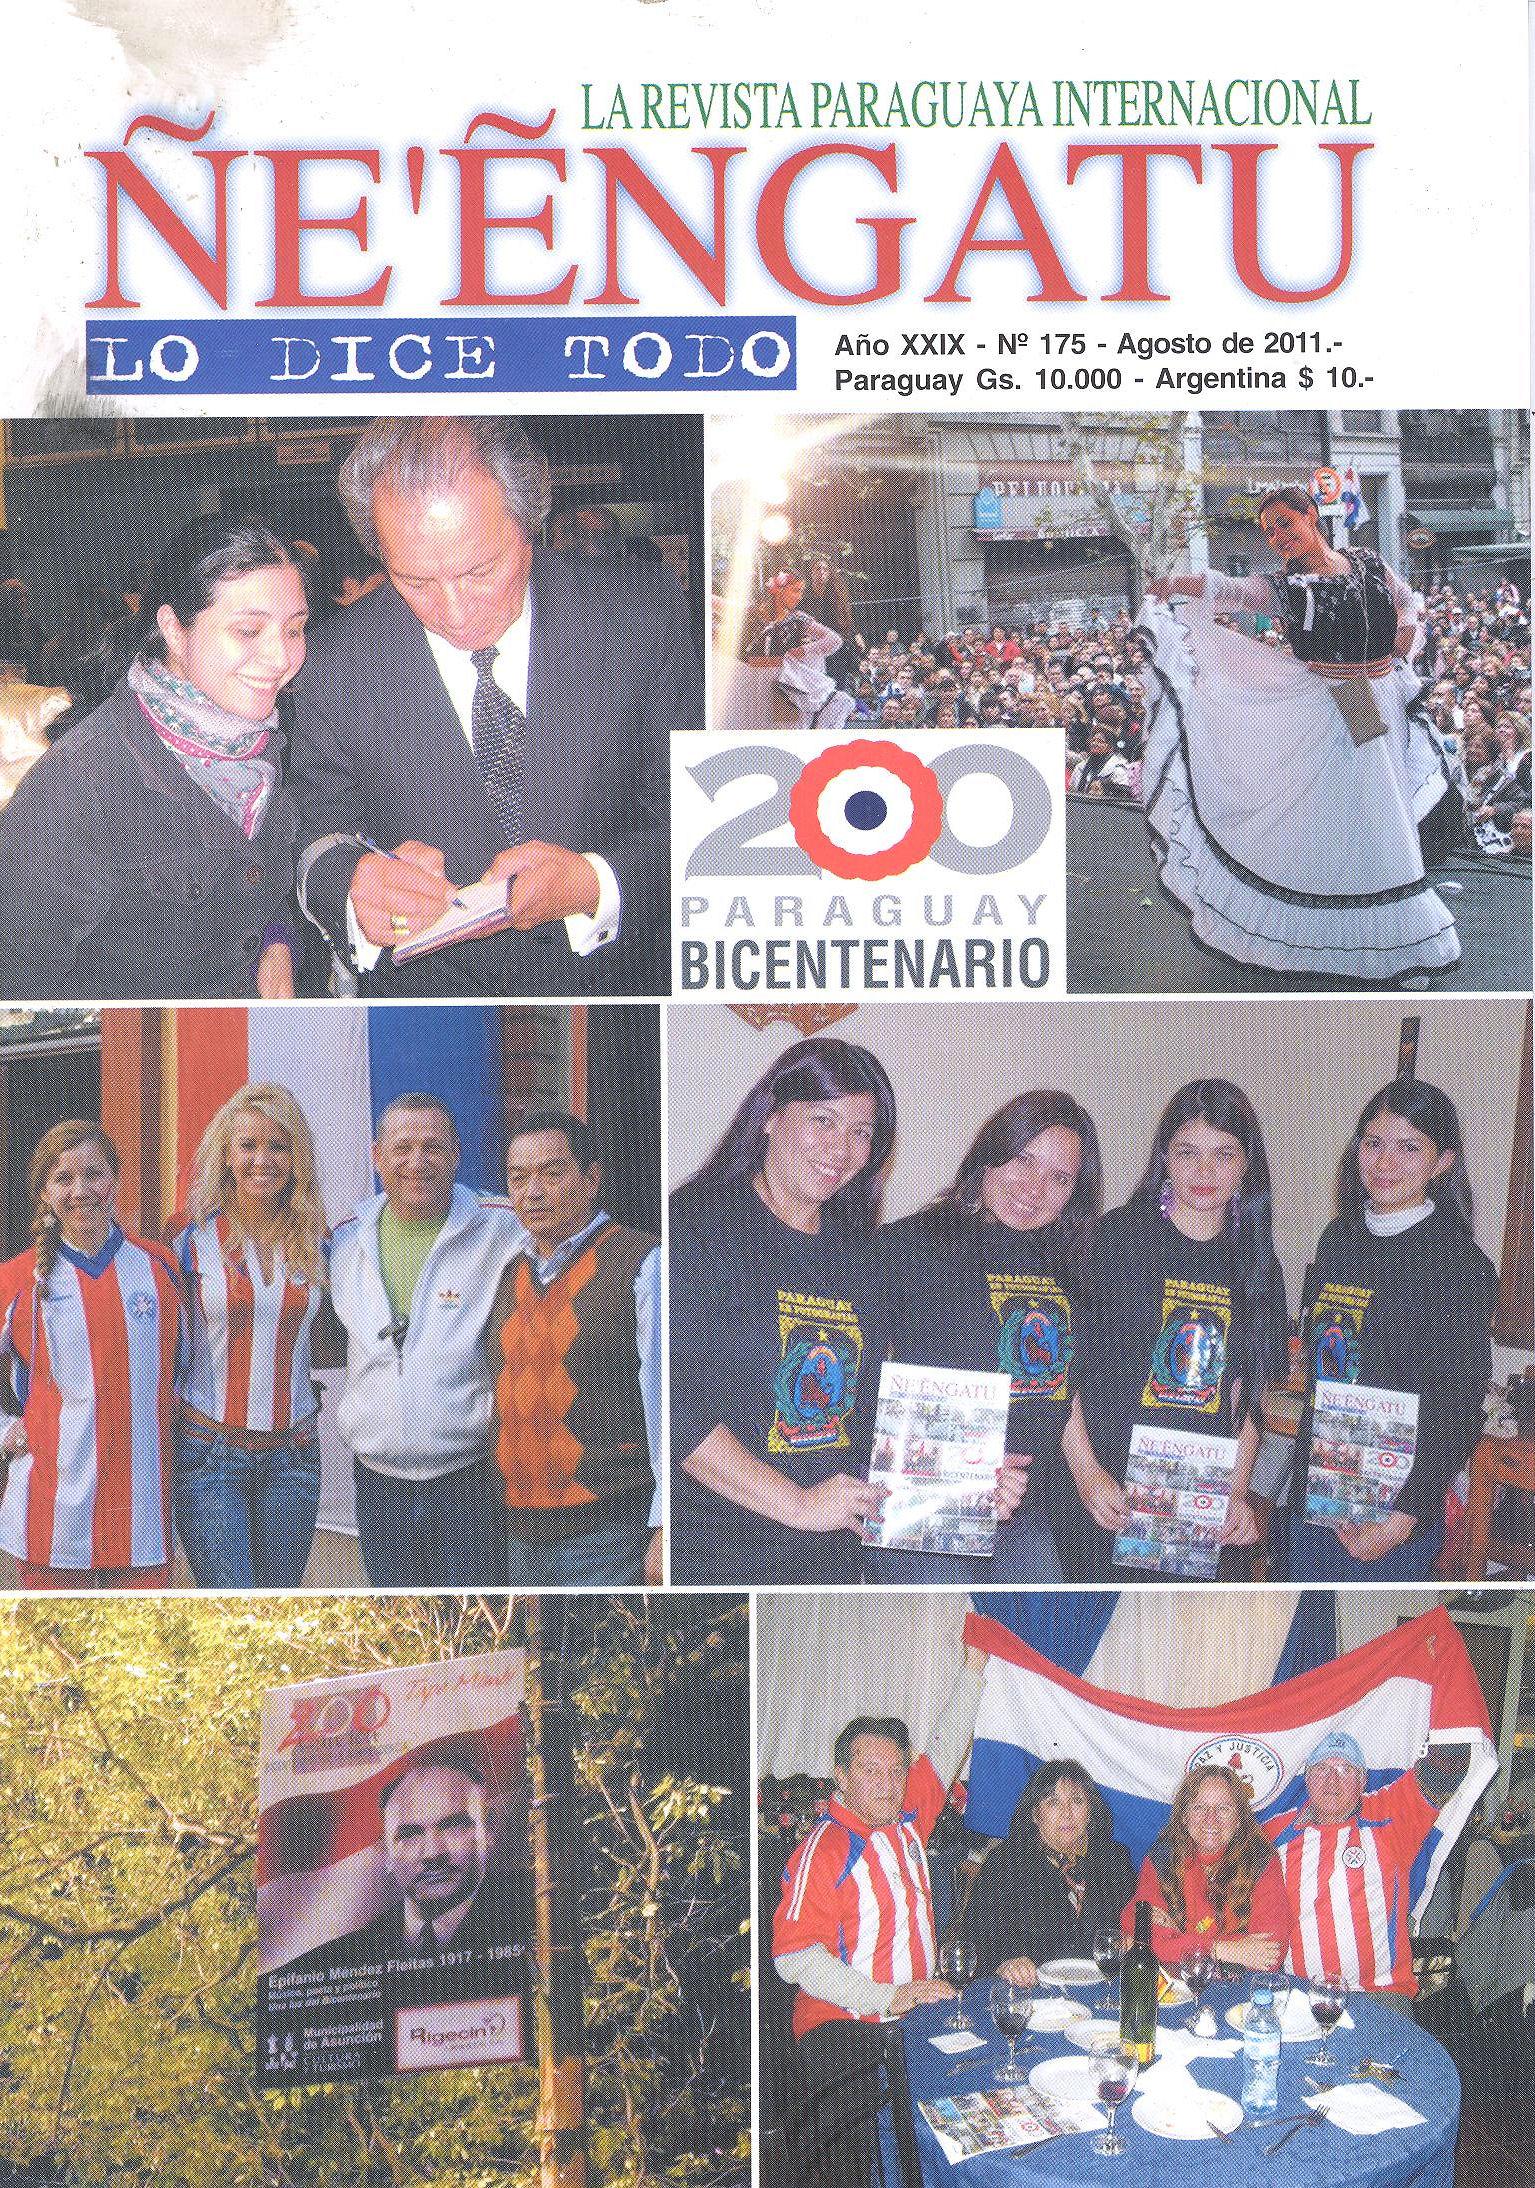 2011 Ñe'engatu